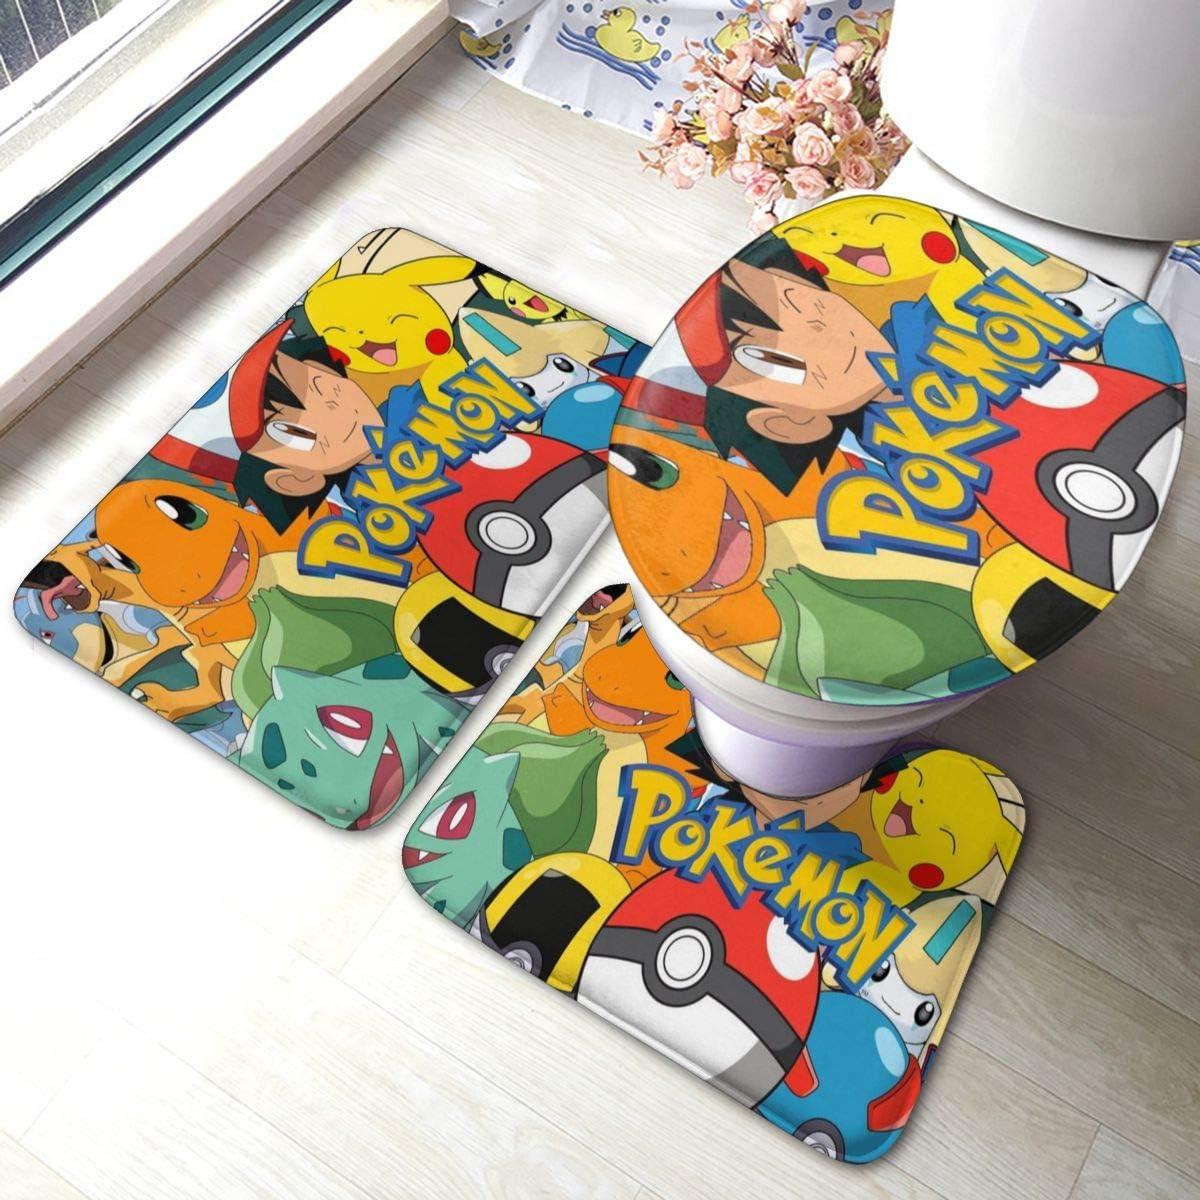 Poke-mon 1 Bath Mat 3 Piece Set Bathroom Carpet Set Soft Anti-Skid Pads Bath Mat + Contour Pads + Toilet Lid Cover, Absorbent Carpet Bath and Mat Anti-Slip Pads Set 23.6 x 15.7 INCH